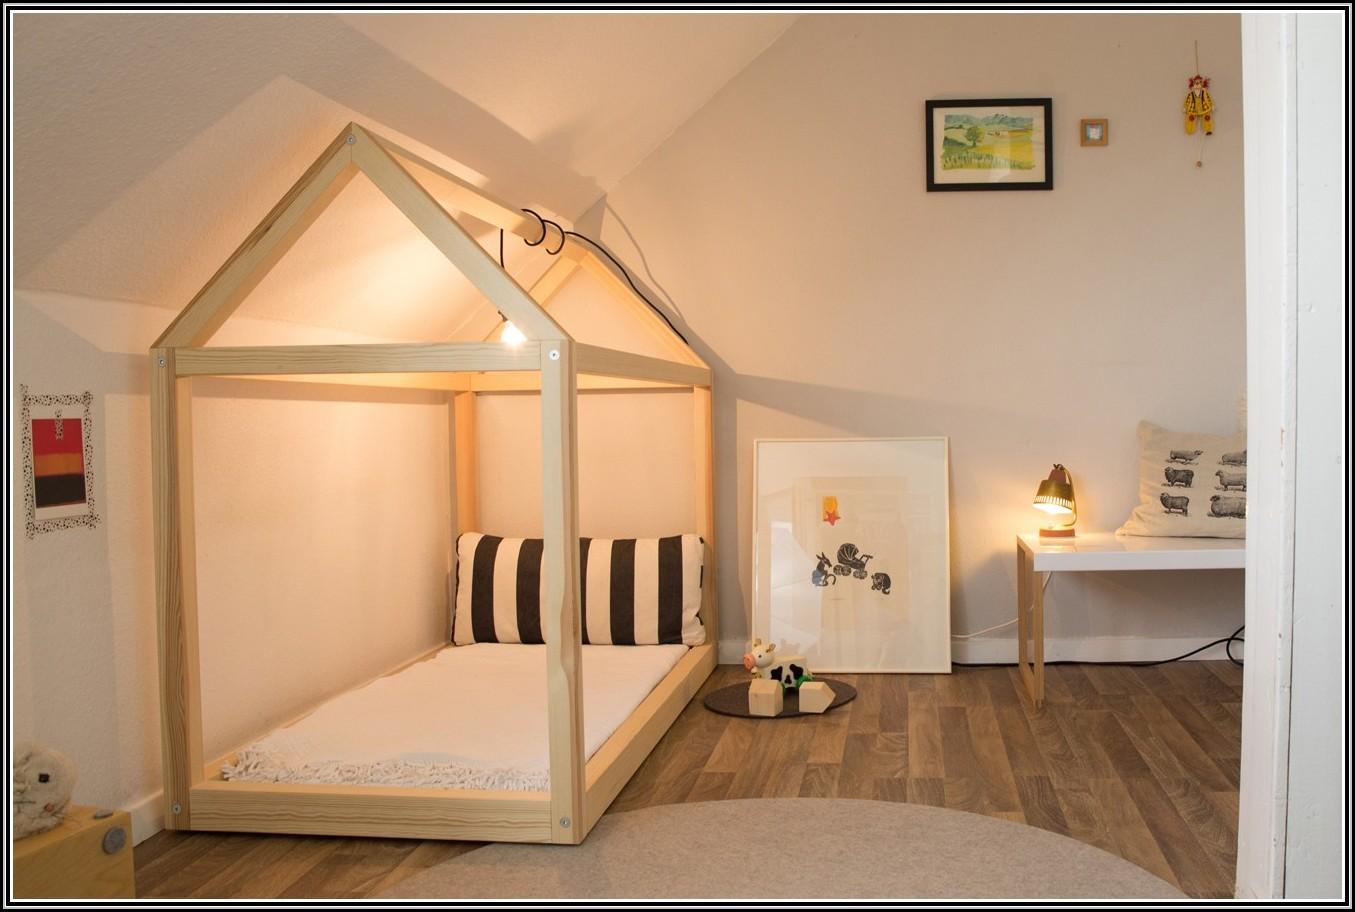 kinderzimmer wand selbst gestalten kinderzimme house und dekor galerie jlw8dqpweq. Black Bedroom Furniture Sets. Home Design Ideas